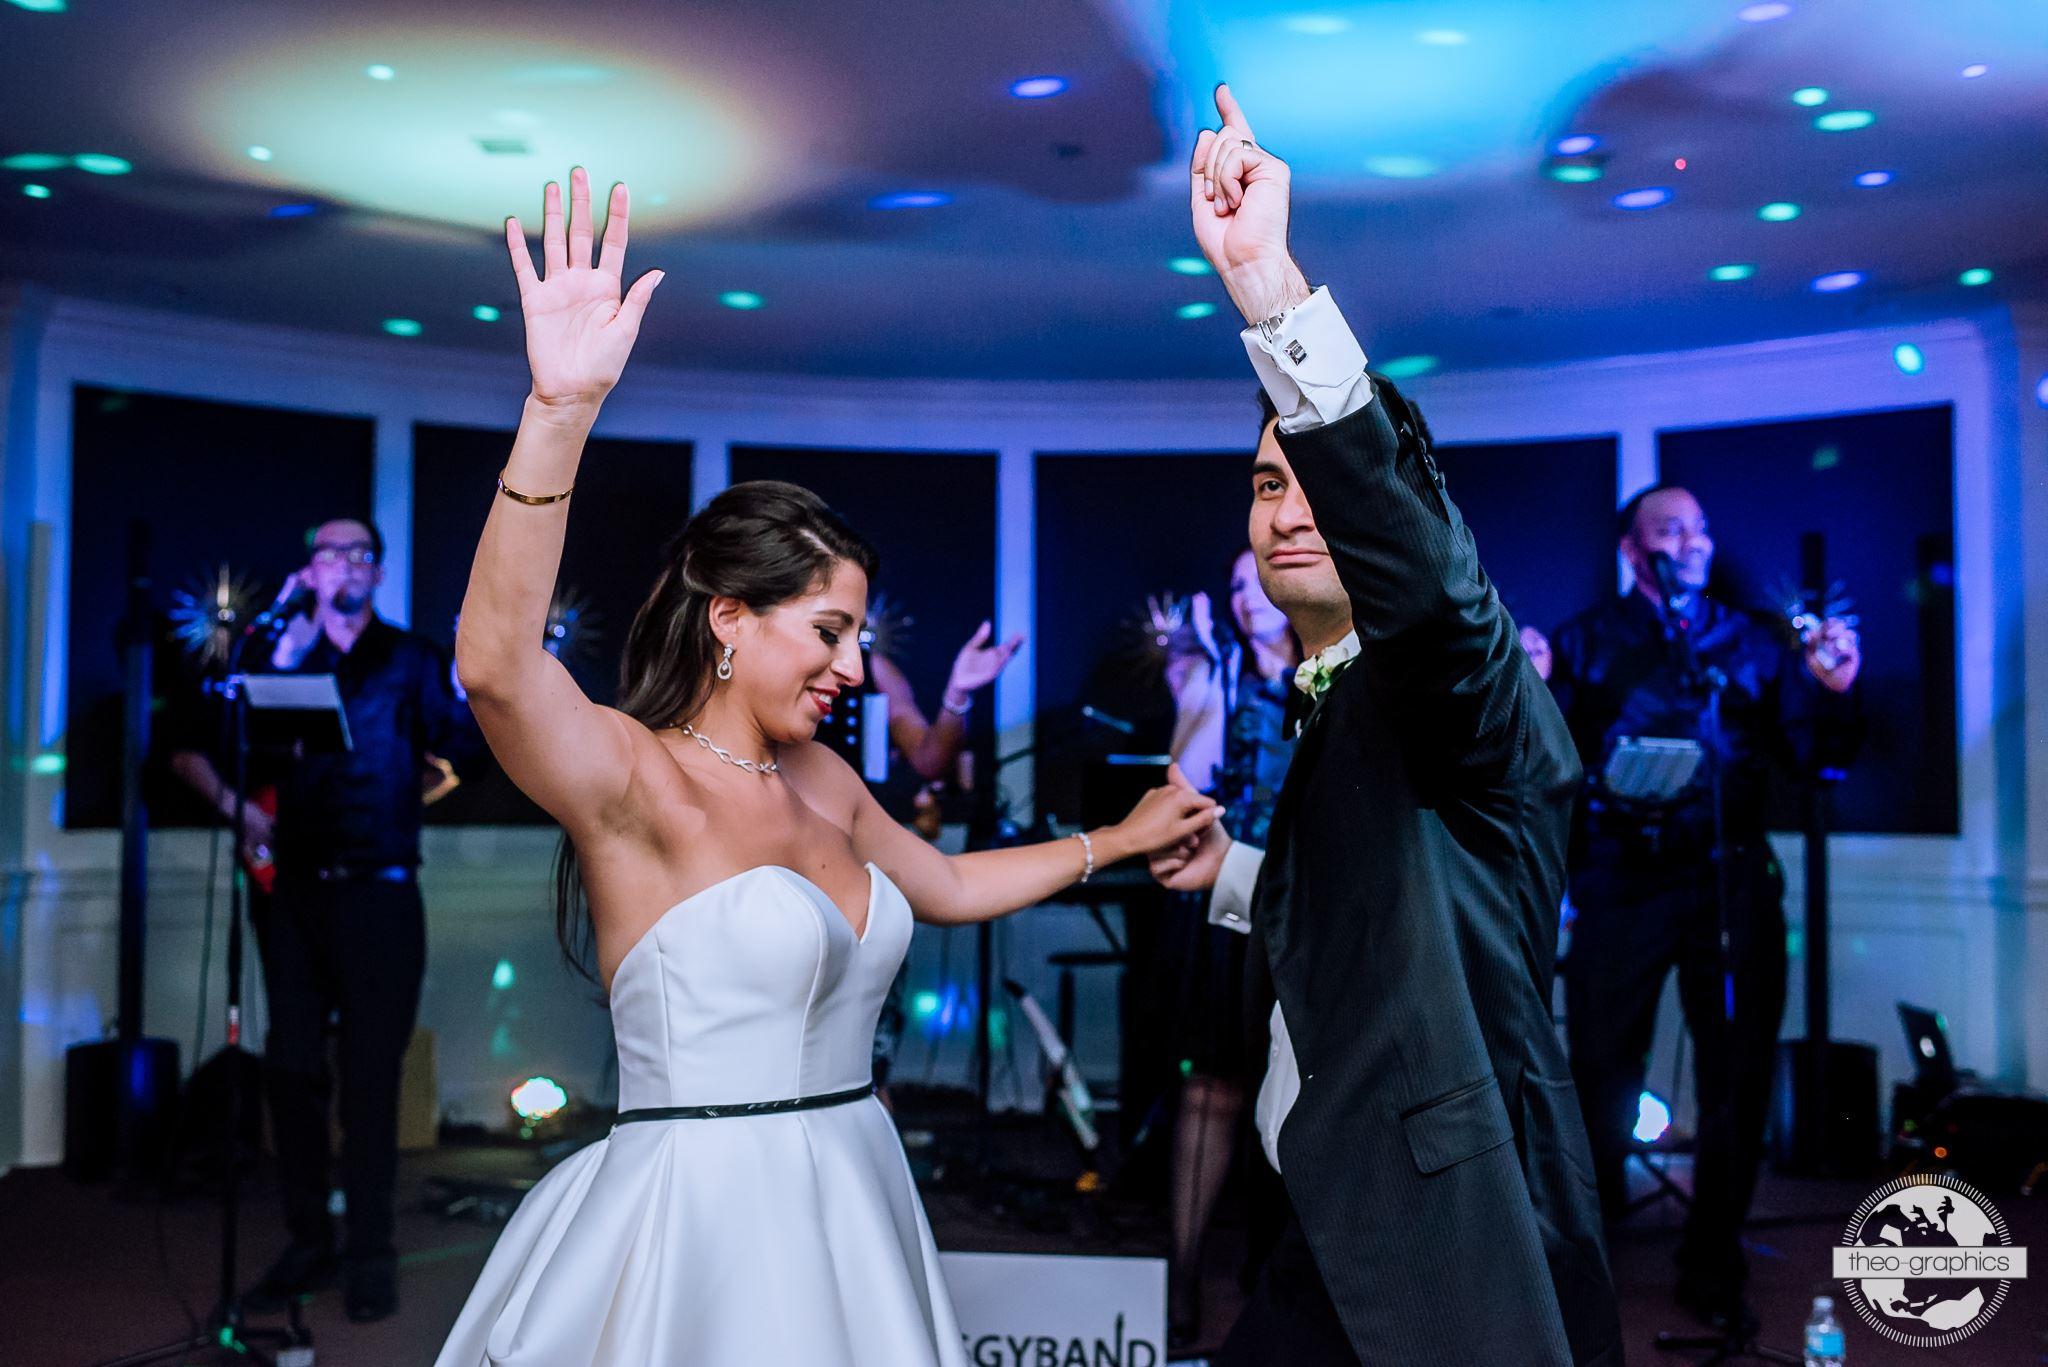 ZIGGY BAND @ PETROLEUM CLUB WEDDING 2.jpg